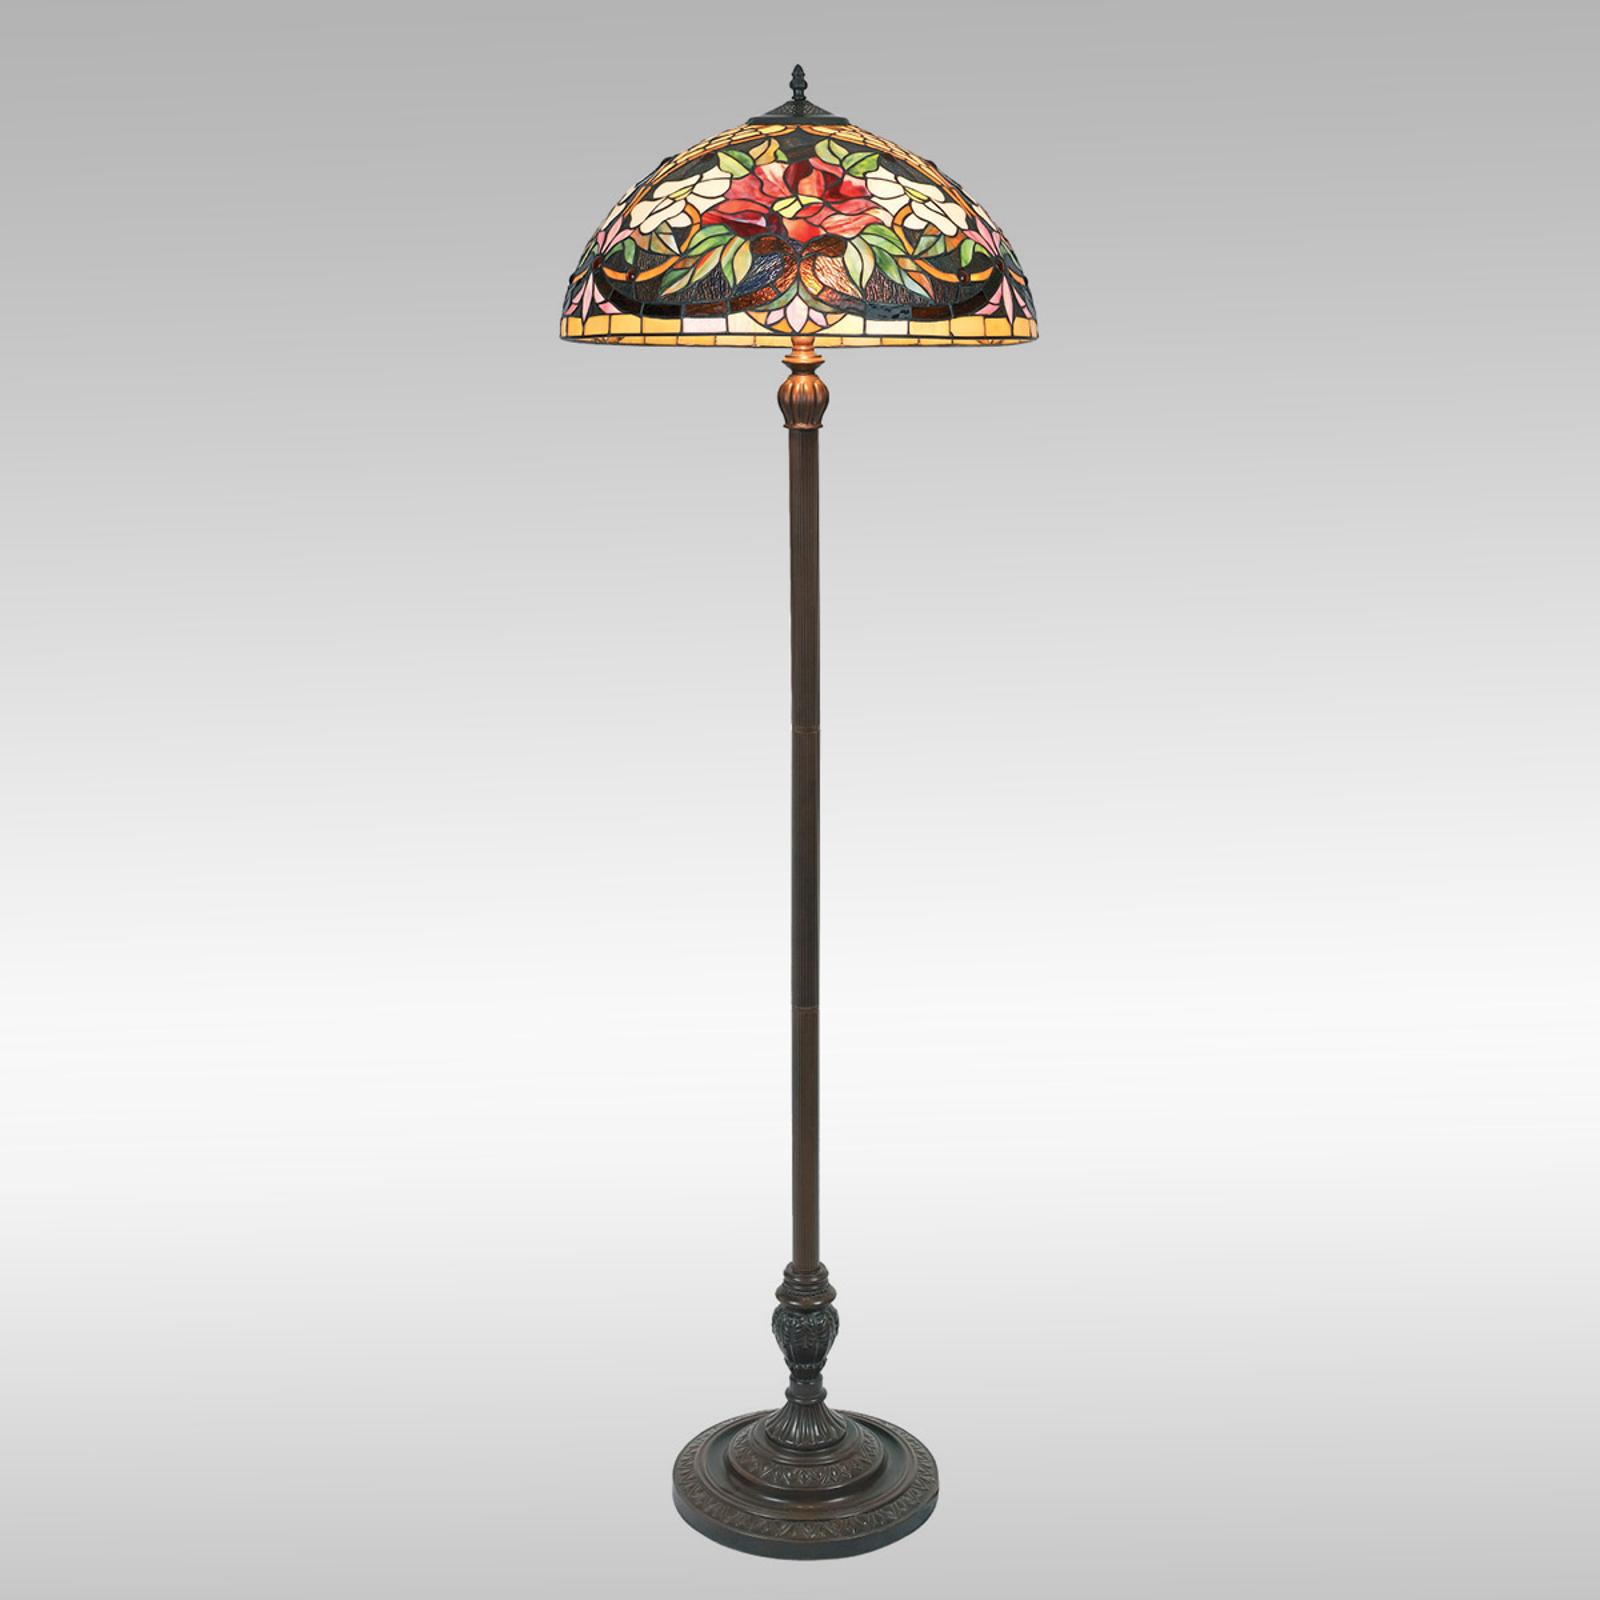 Farebná stojaca lampa ARIADNE v štýle Tiffany_1032147_1